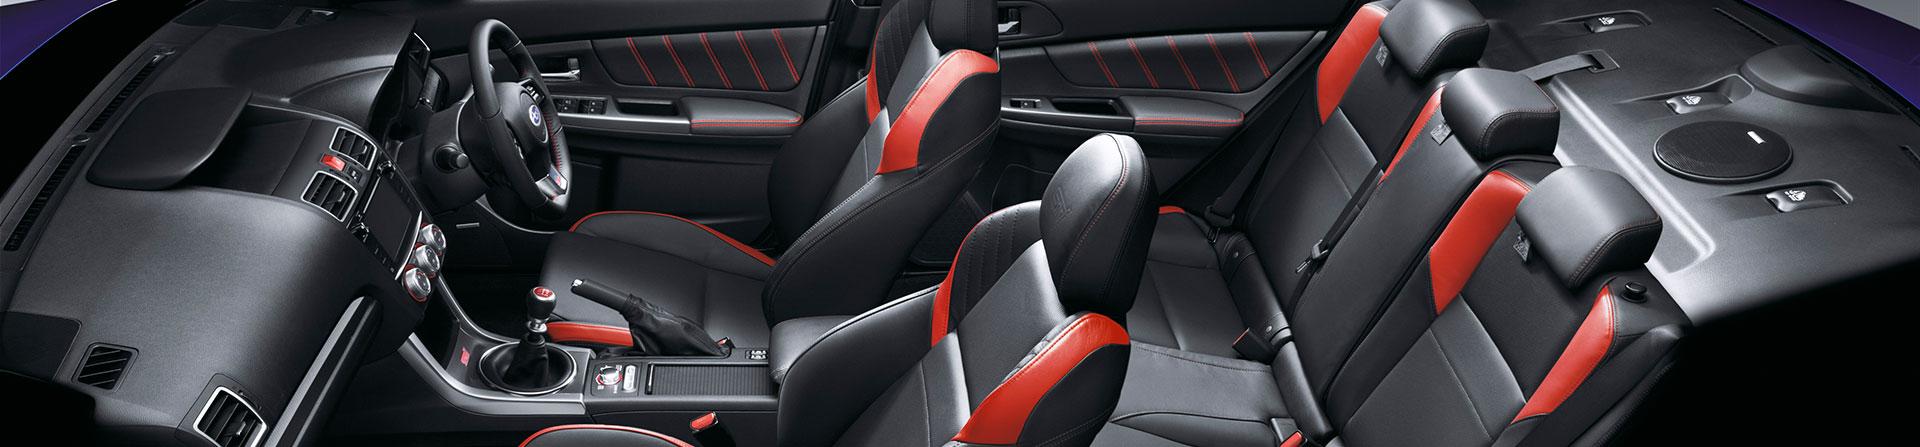 Subaru WRX STI Image 6